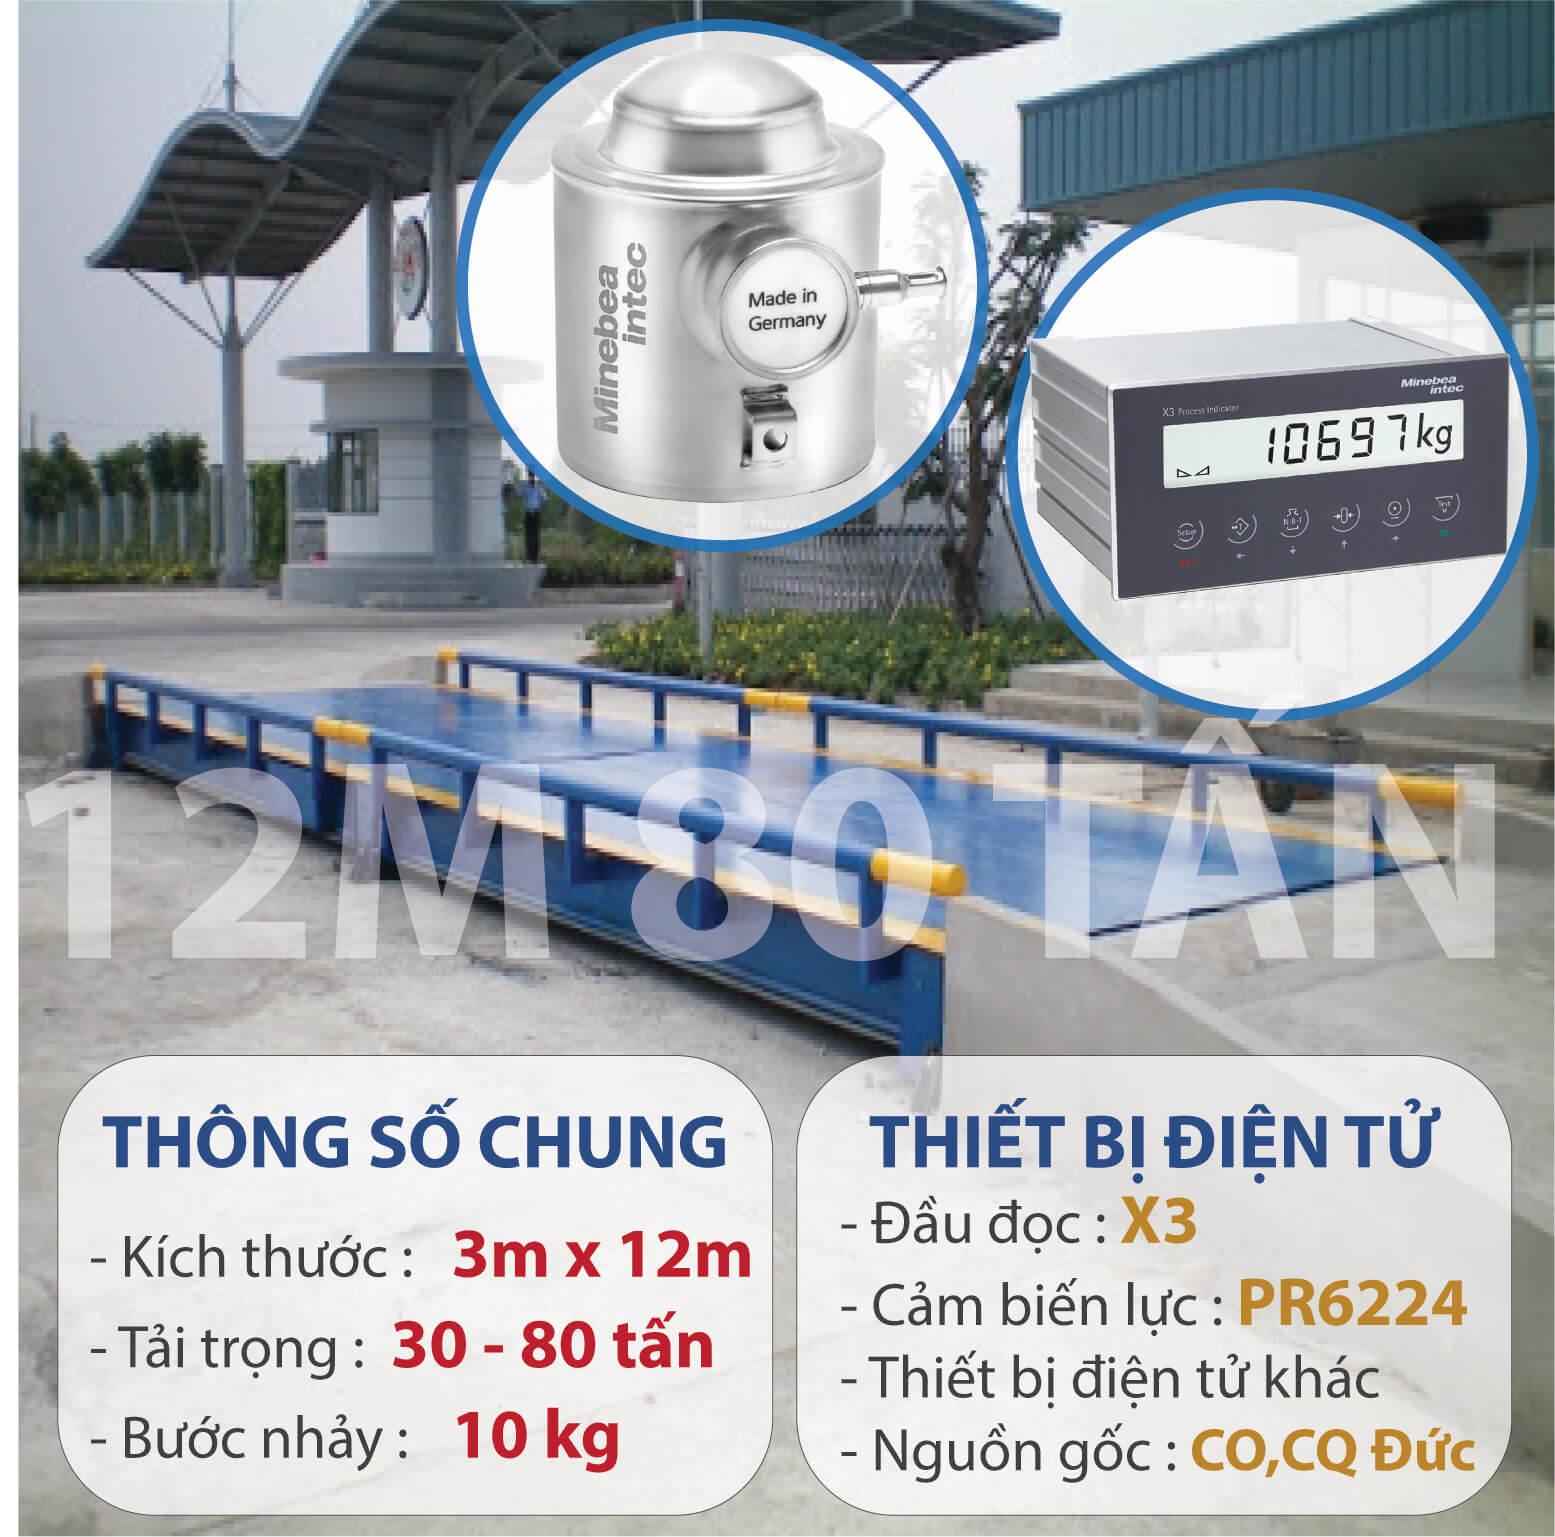 Trạm cân ô tô - xe tải 80 tấn, 12m, Digitol Đức